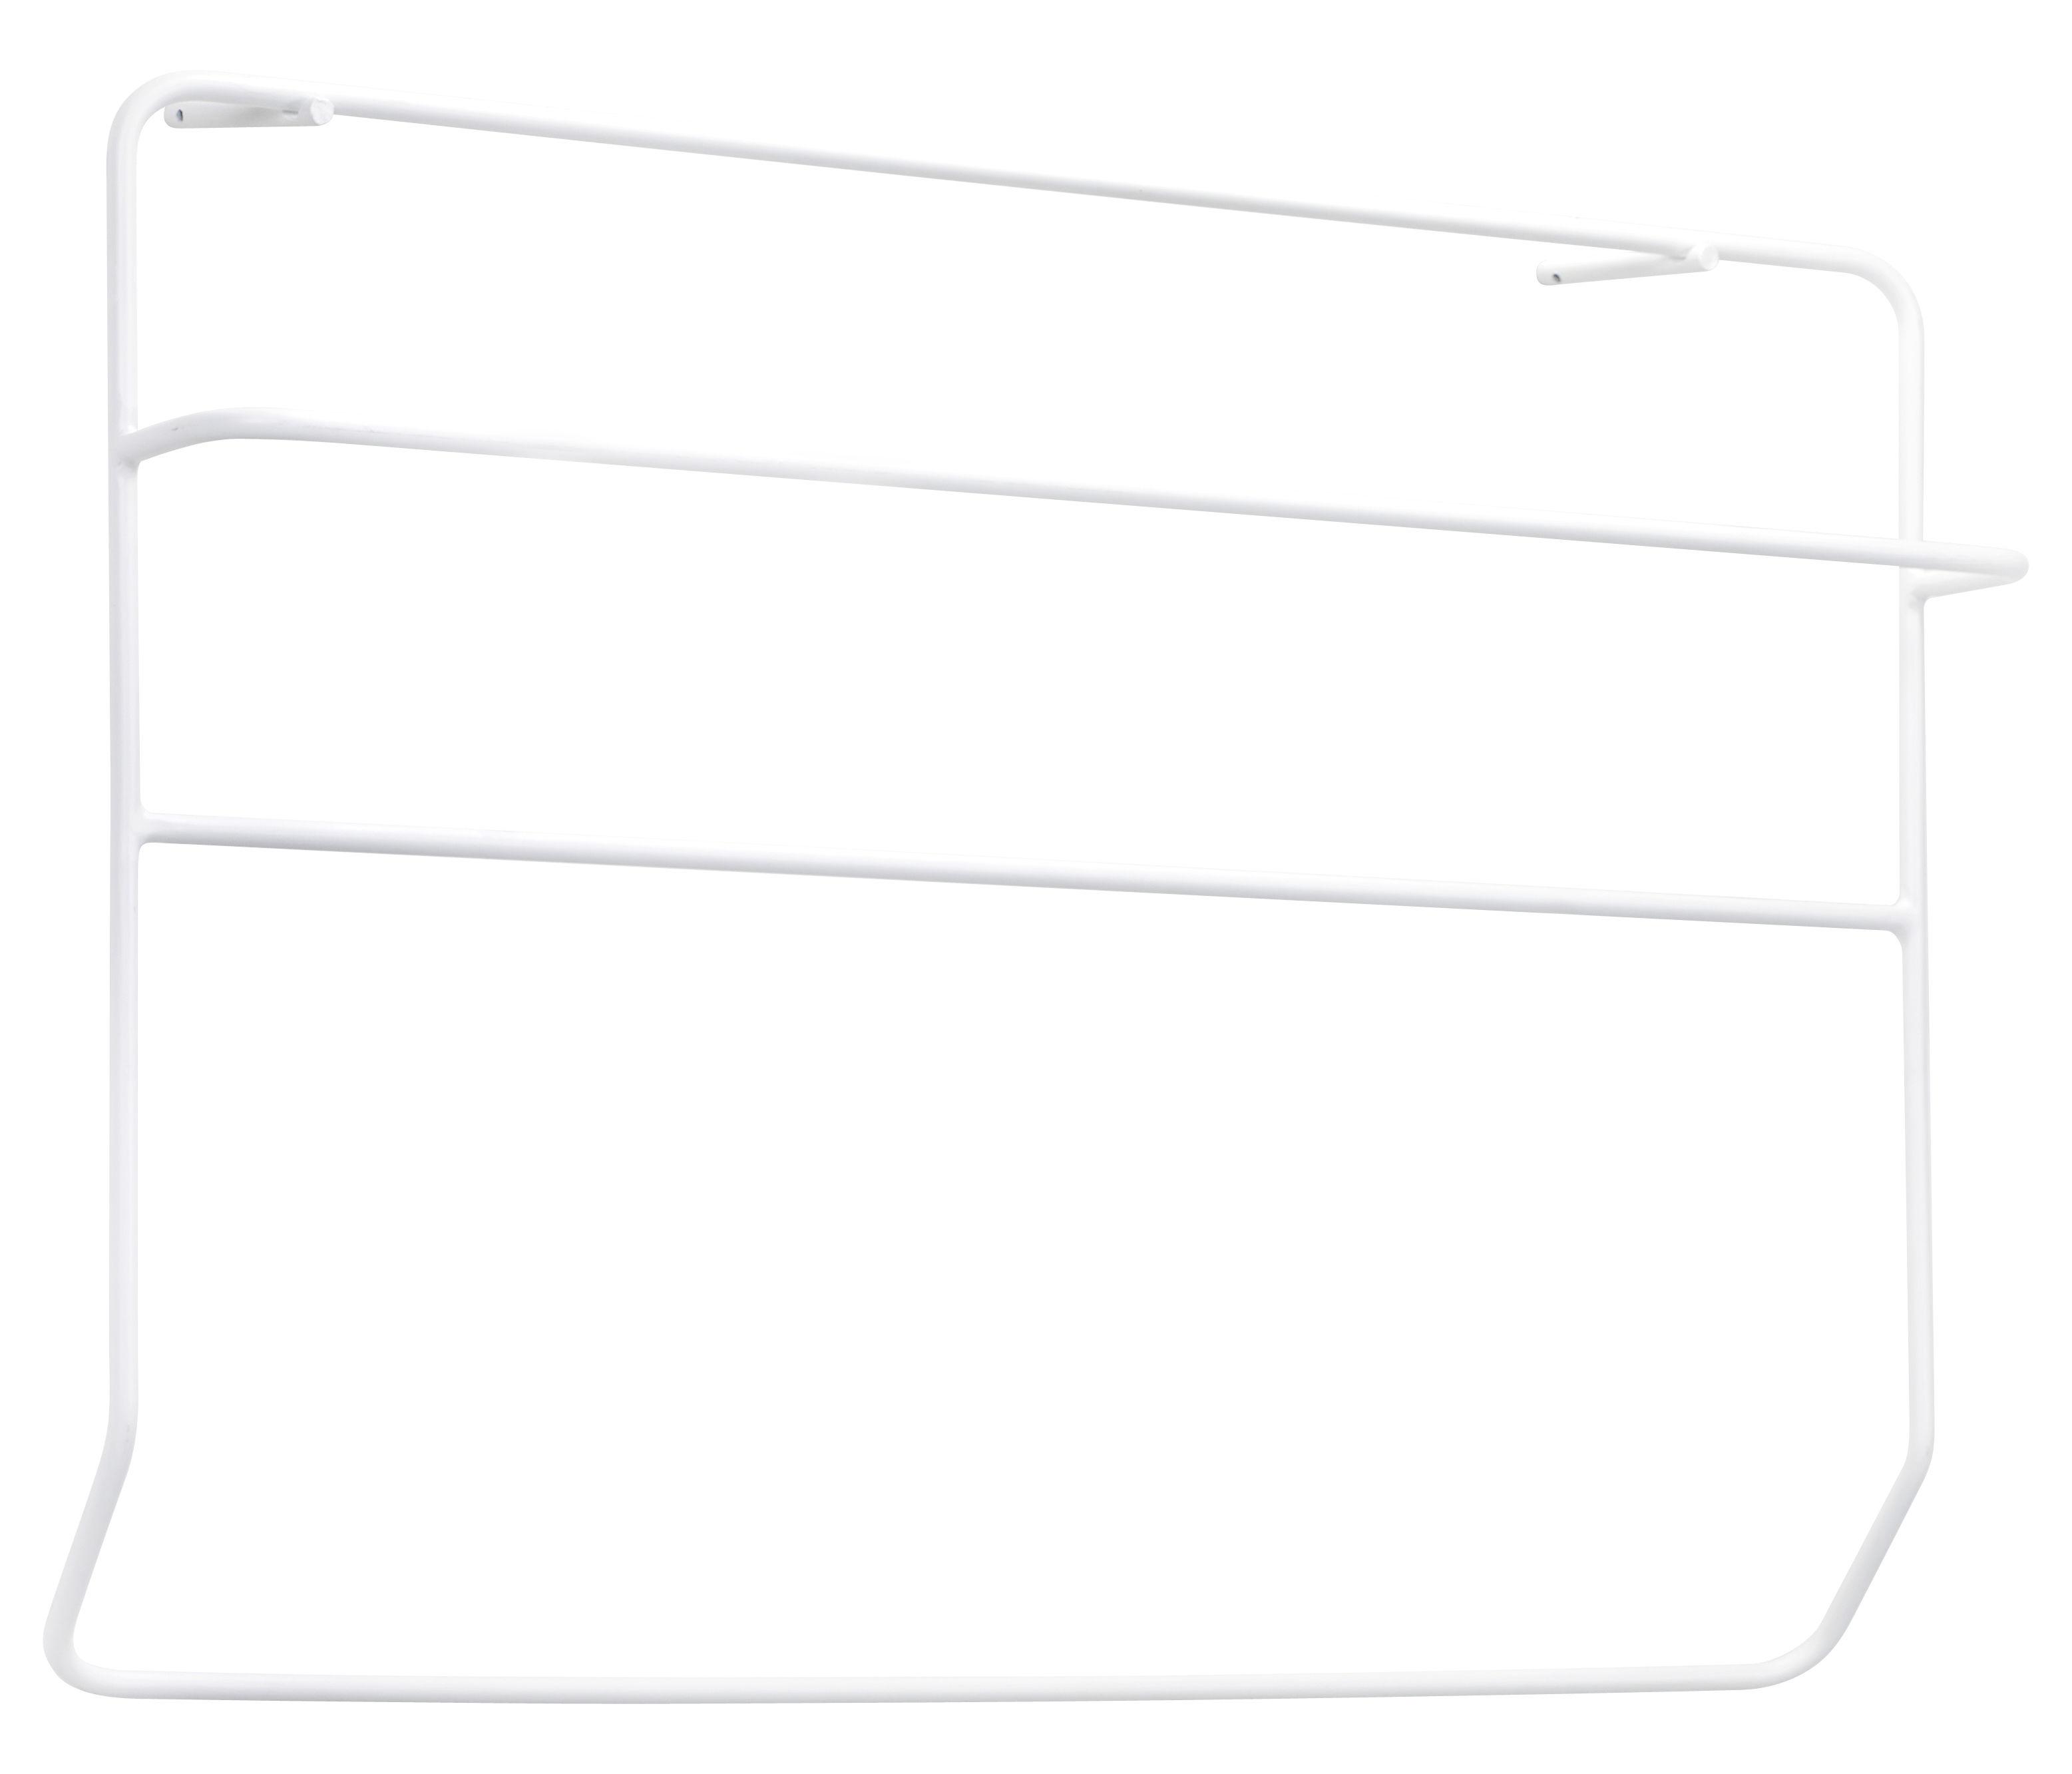 Arredamento - Appendiabiti  - Porta asciugamani Juno / A parete - Metallo - L 90 x H 60 cm - Serax - Bianco - metallo laccato